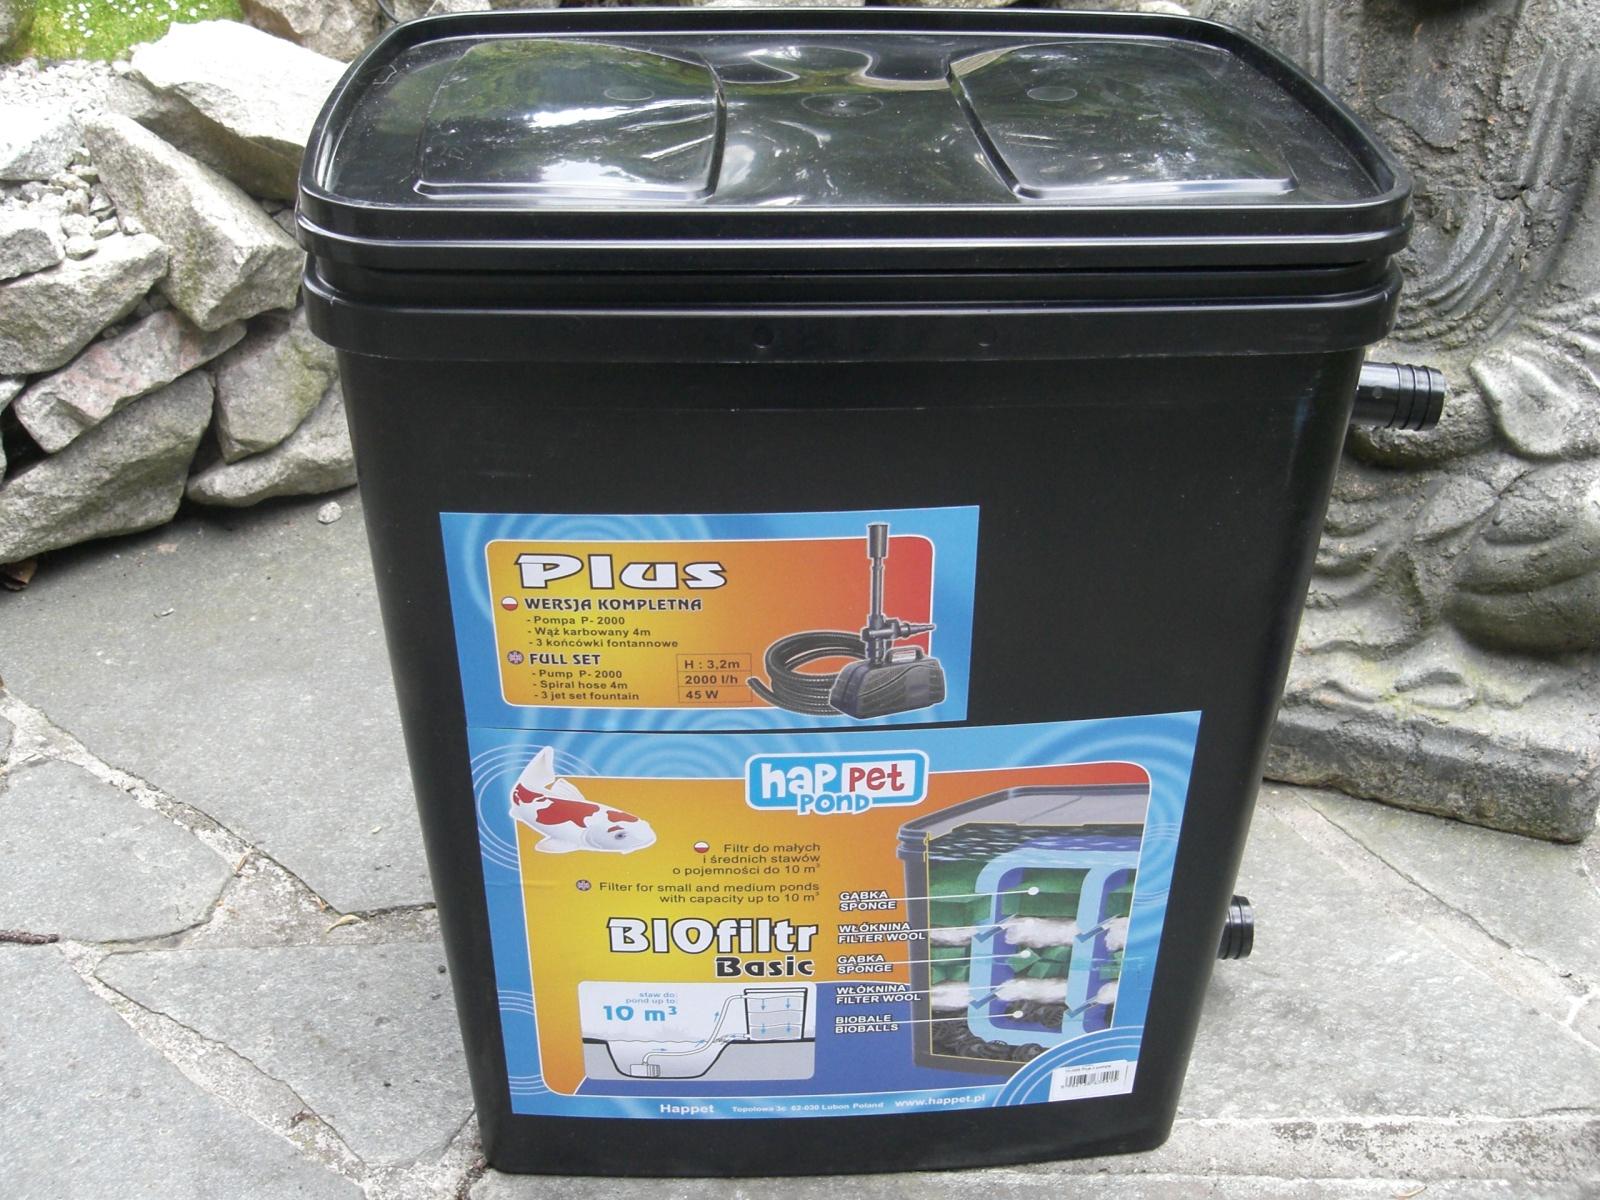 Teichfilter Aquaristikshop Koi Kichi Pumpen, Filter und mehr ~ 01175401_Gartenteich Ohne Pumpe Und Filter